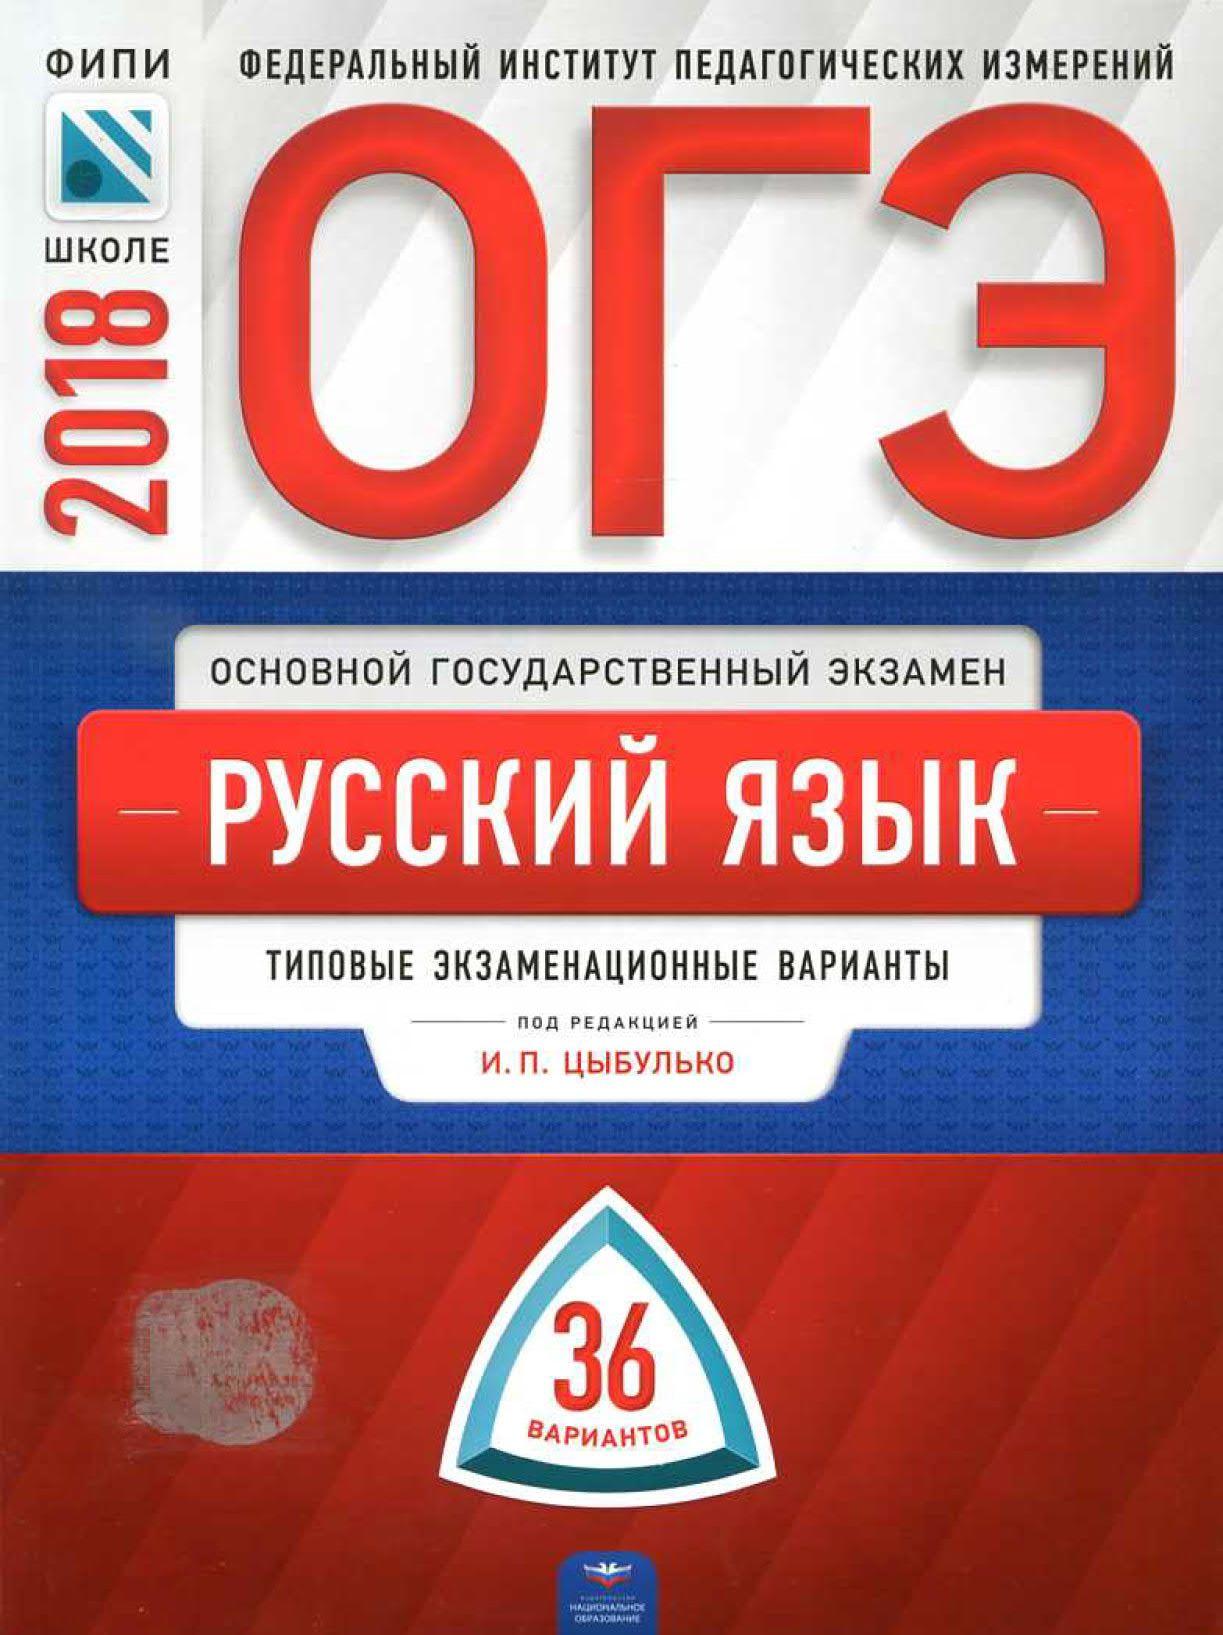 Skachat Oge 2019 Russkij Yazyk Cybulko 36 Variantov Besplatno Vtoroj Klass Fizika Biologiya